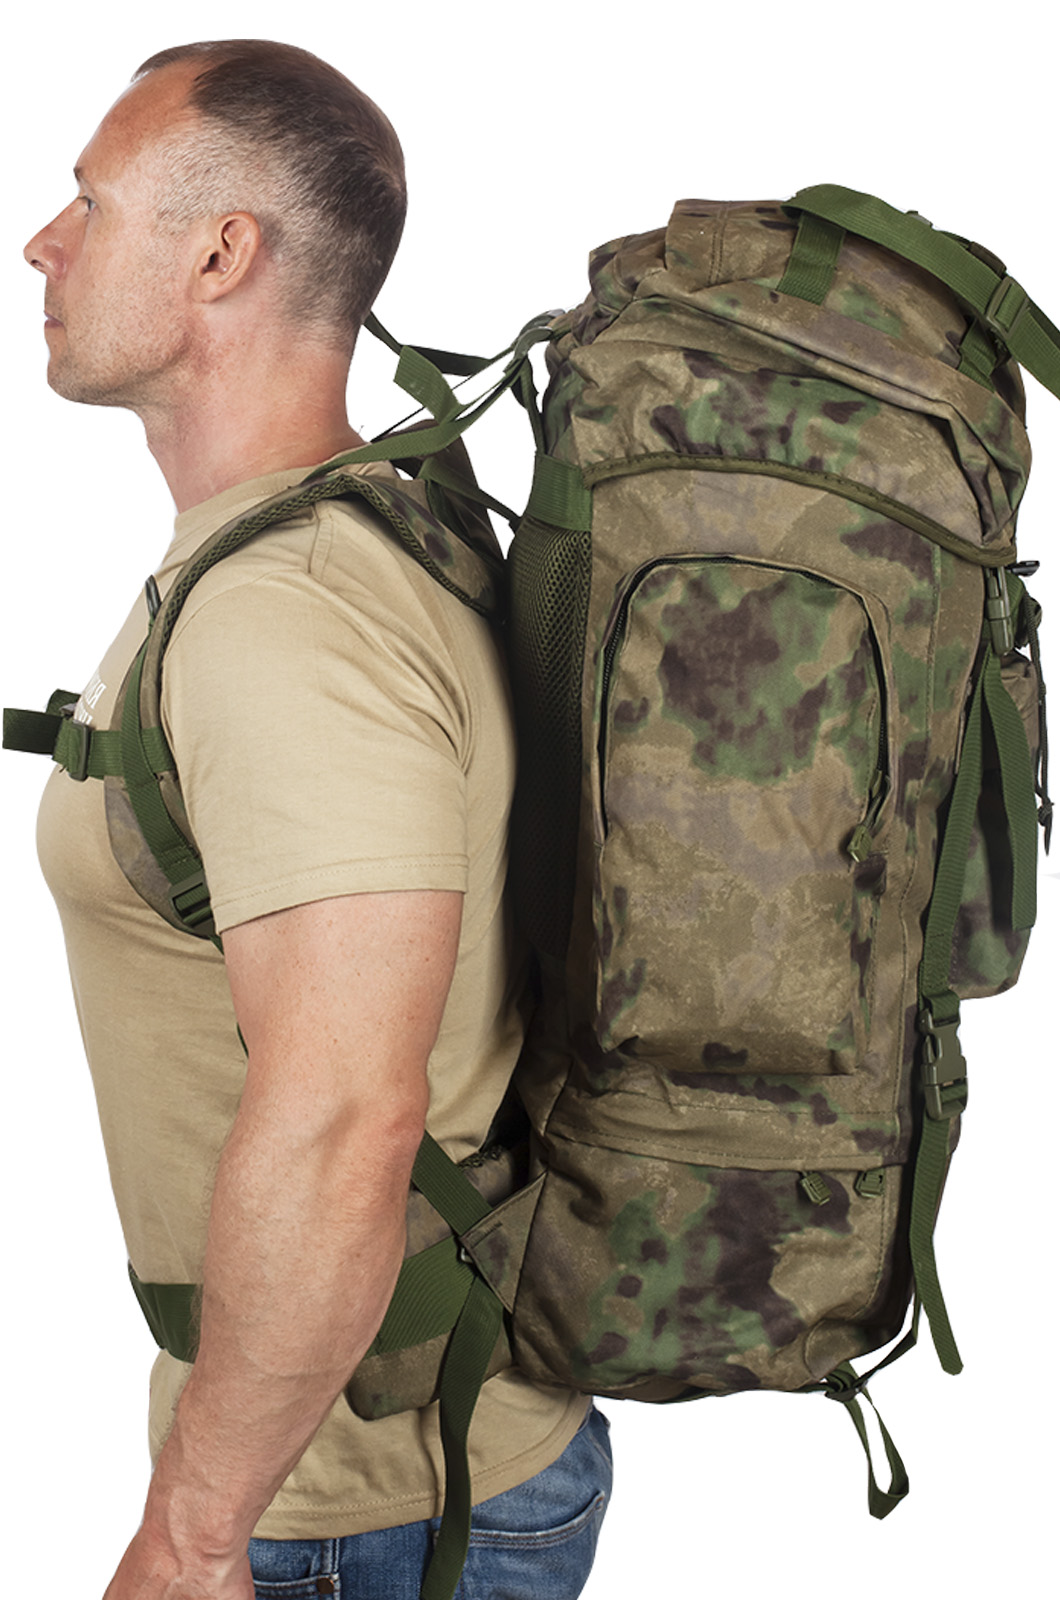 Армейский камуфляжный ранец-рюкзак ФСО России - купить онлайн